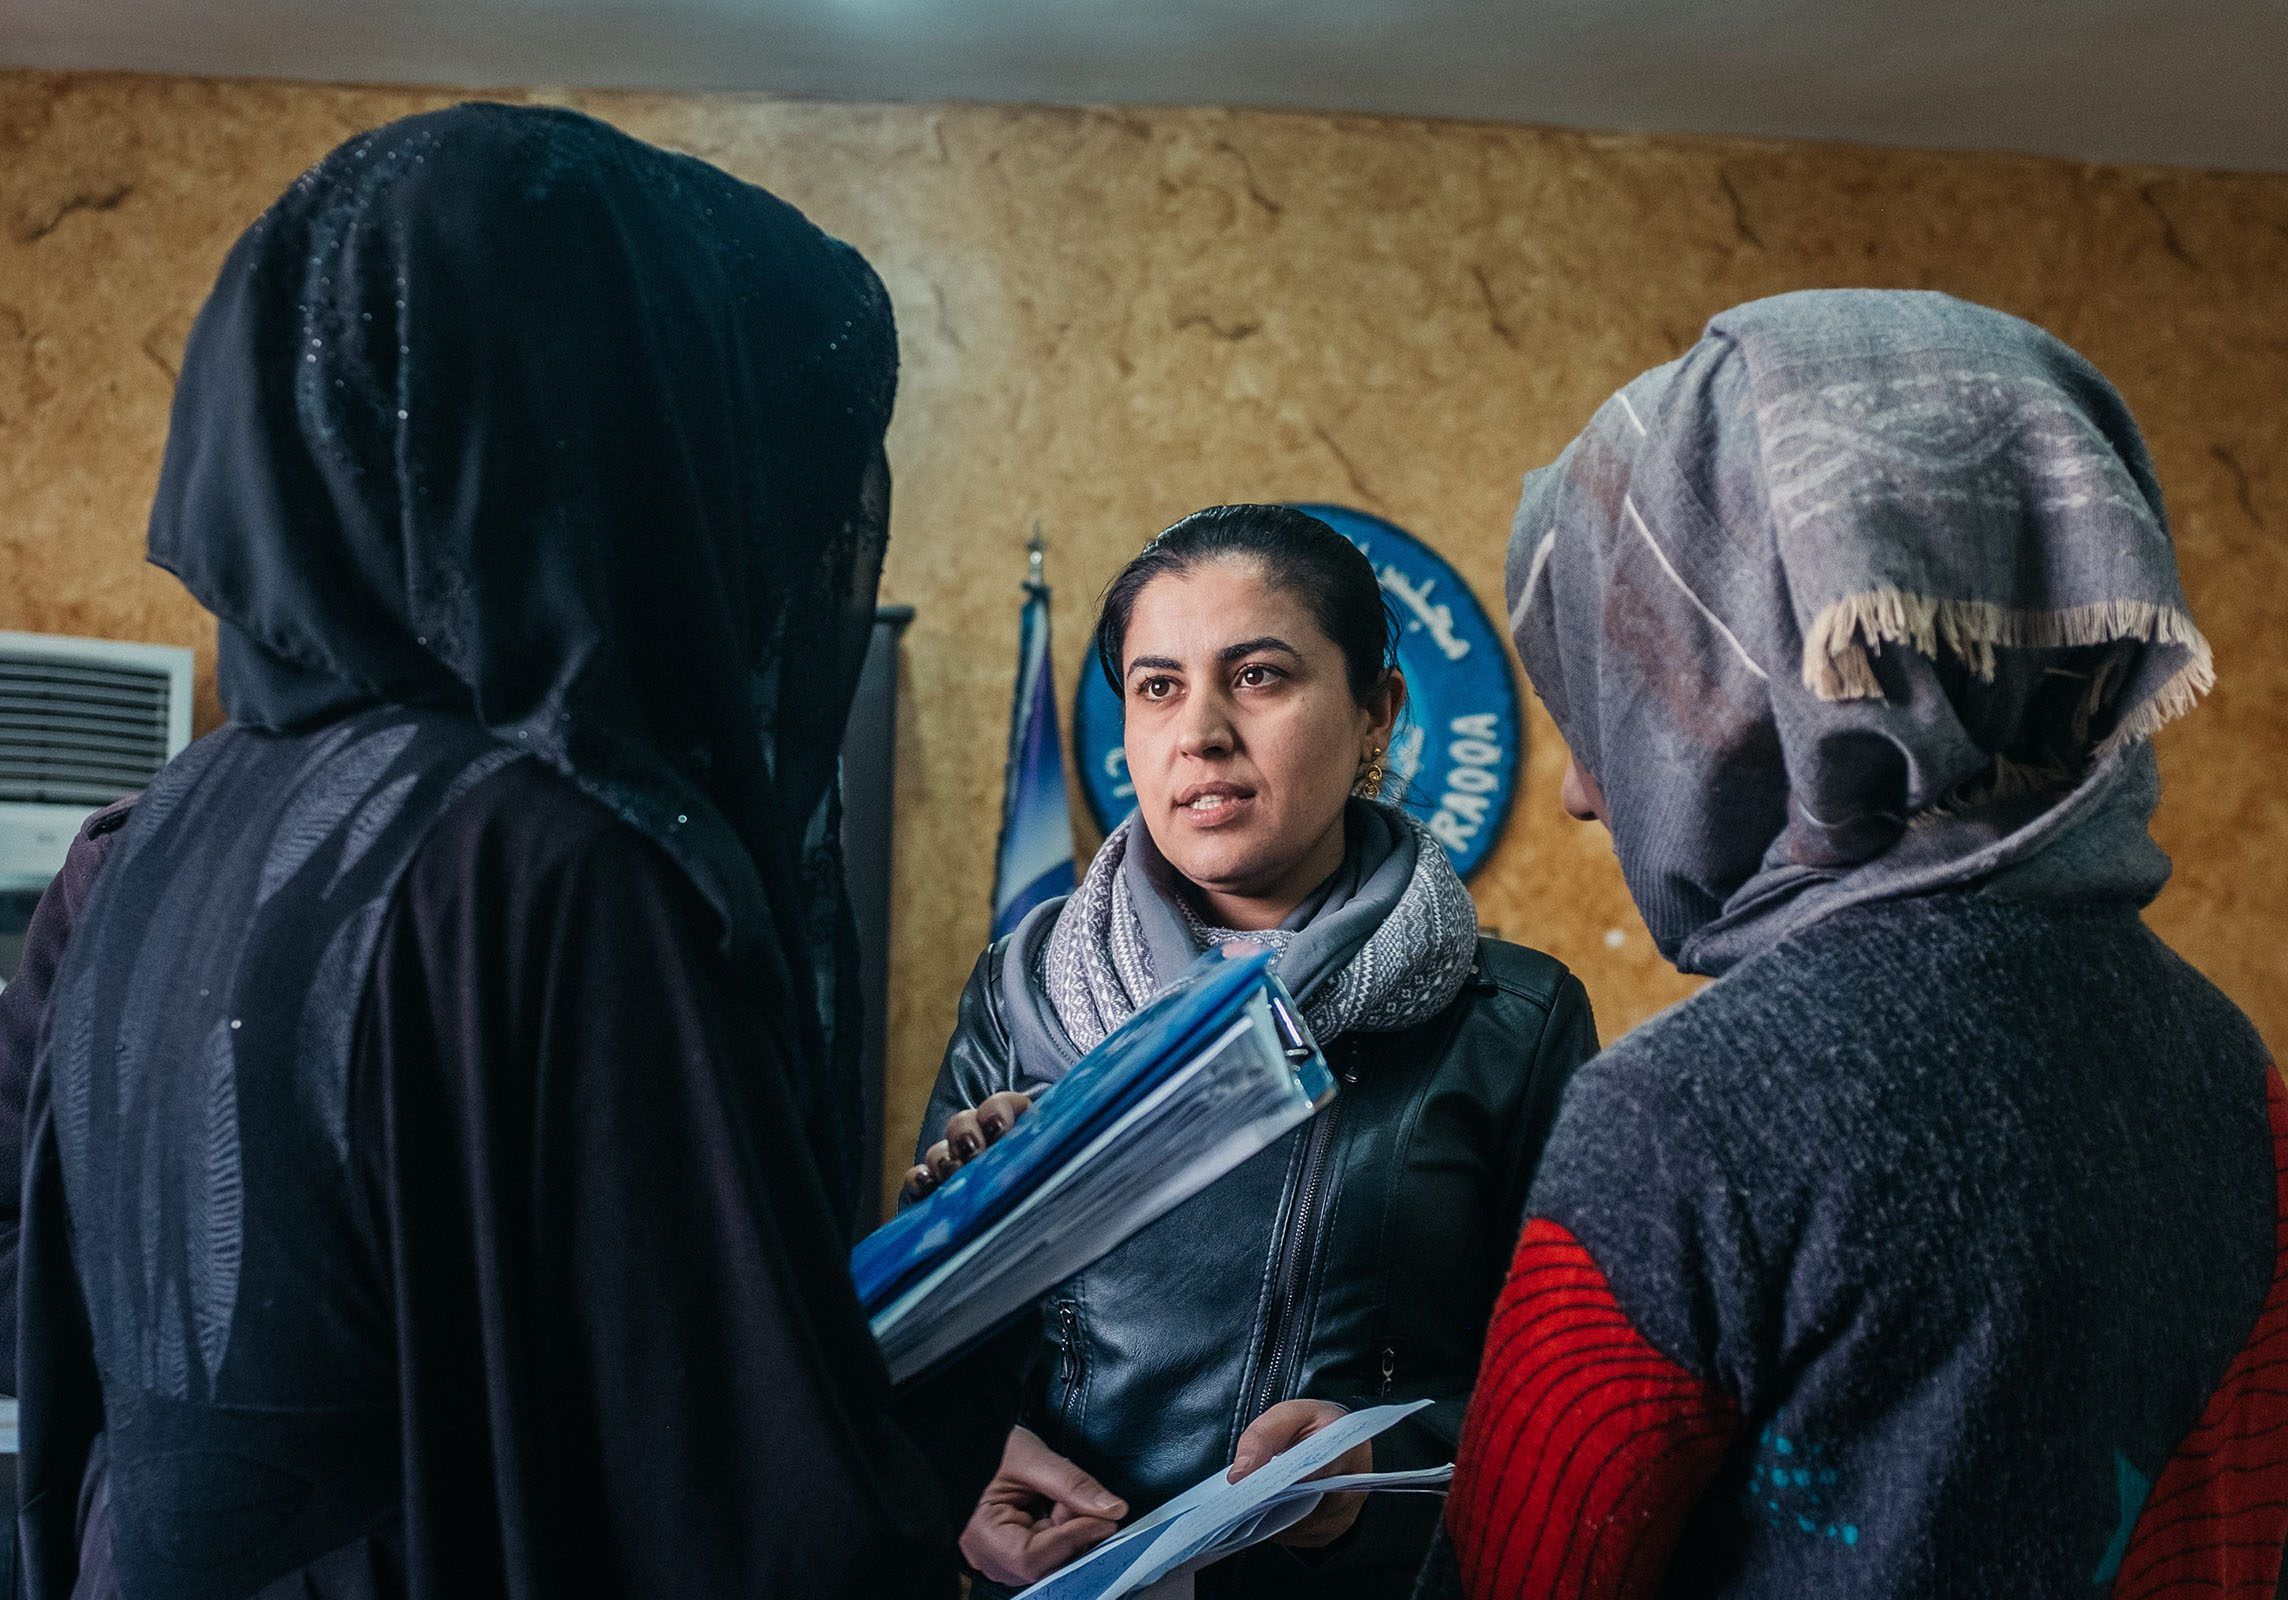 23 février 2019 : Leila MUSTAPHA quitte la conférence de presse au Conseil civil de Raqqa pour annoncer le lancement de la deuxième phase de travaux d'un grand projet de réhabilitation de la voirie, en présence de nombreux dignitaires locaux.  Raqqa. Syrie.